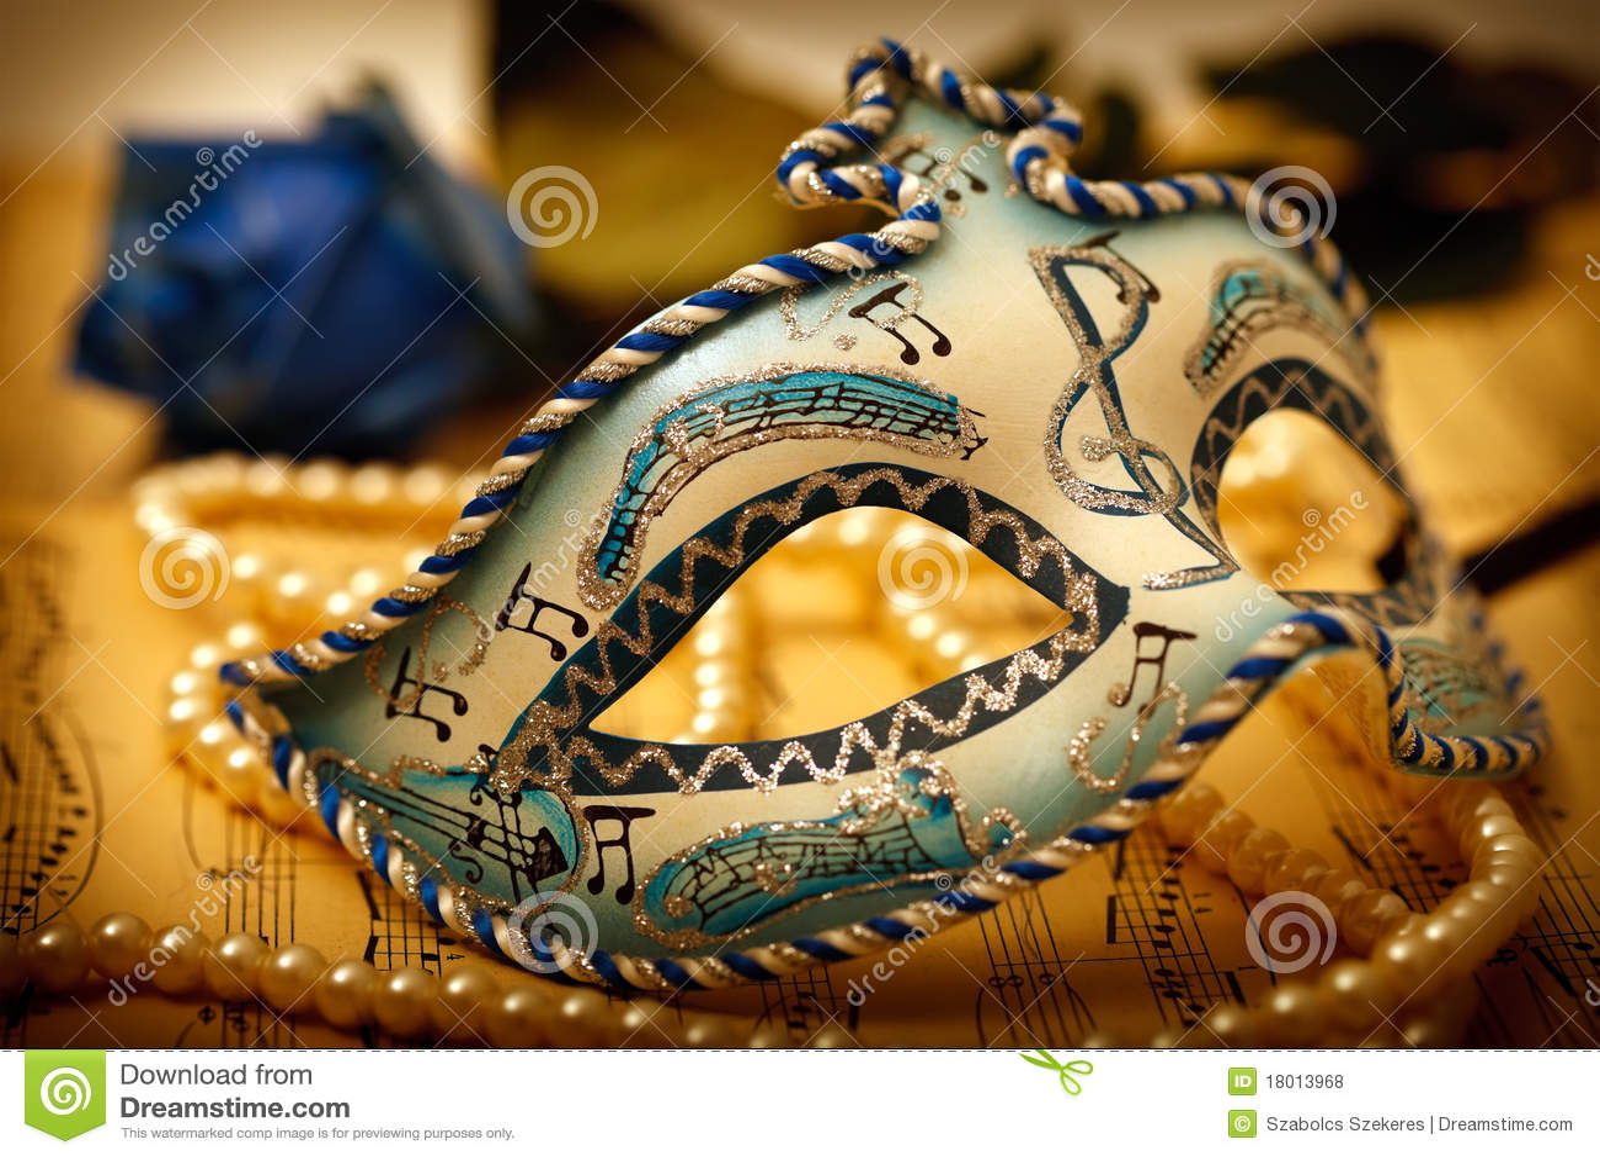 Mascherina decorata di carnevale